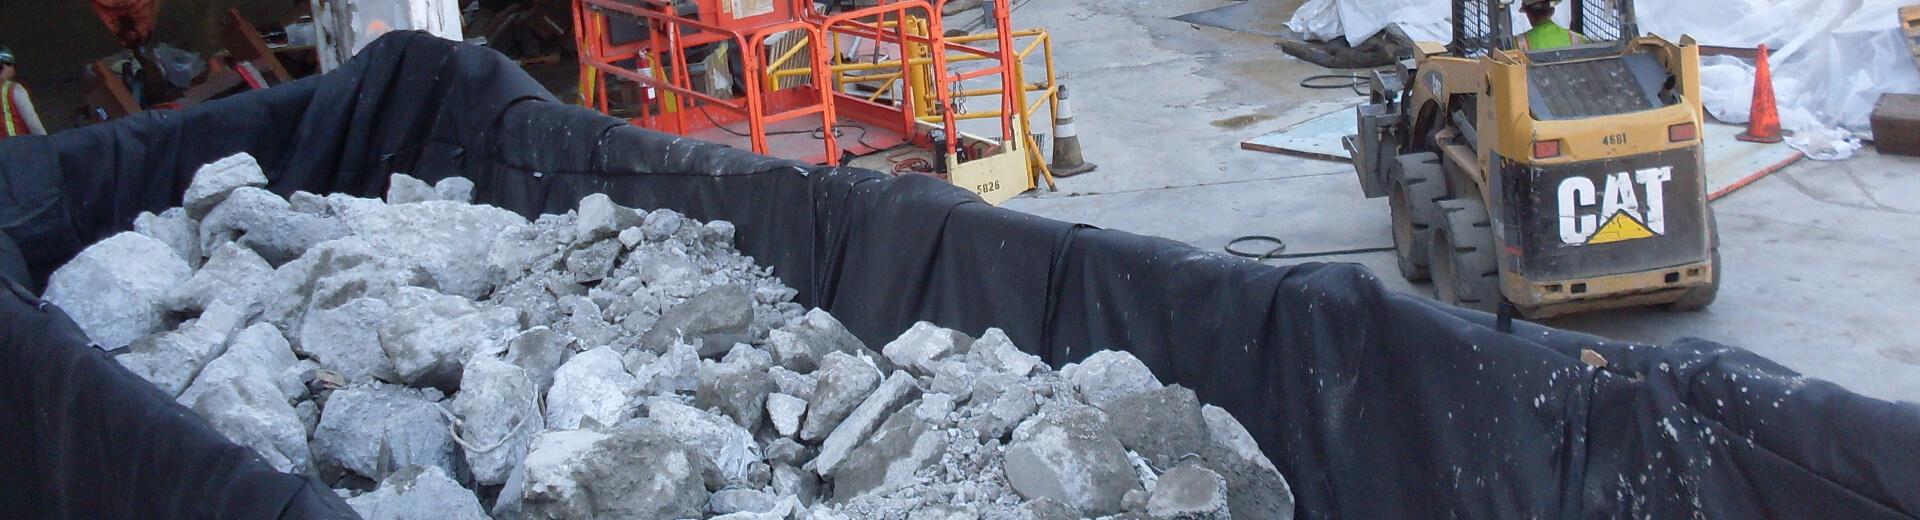 constructiondebris_blog_header_image